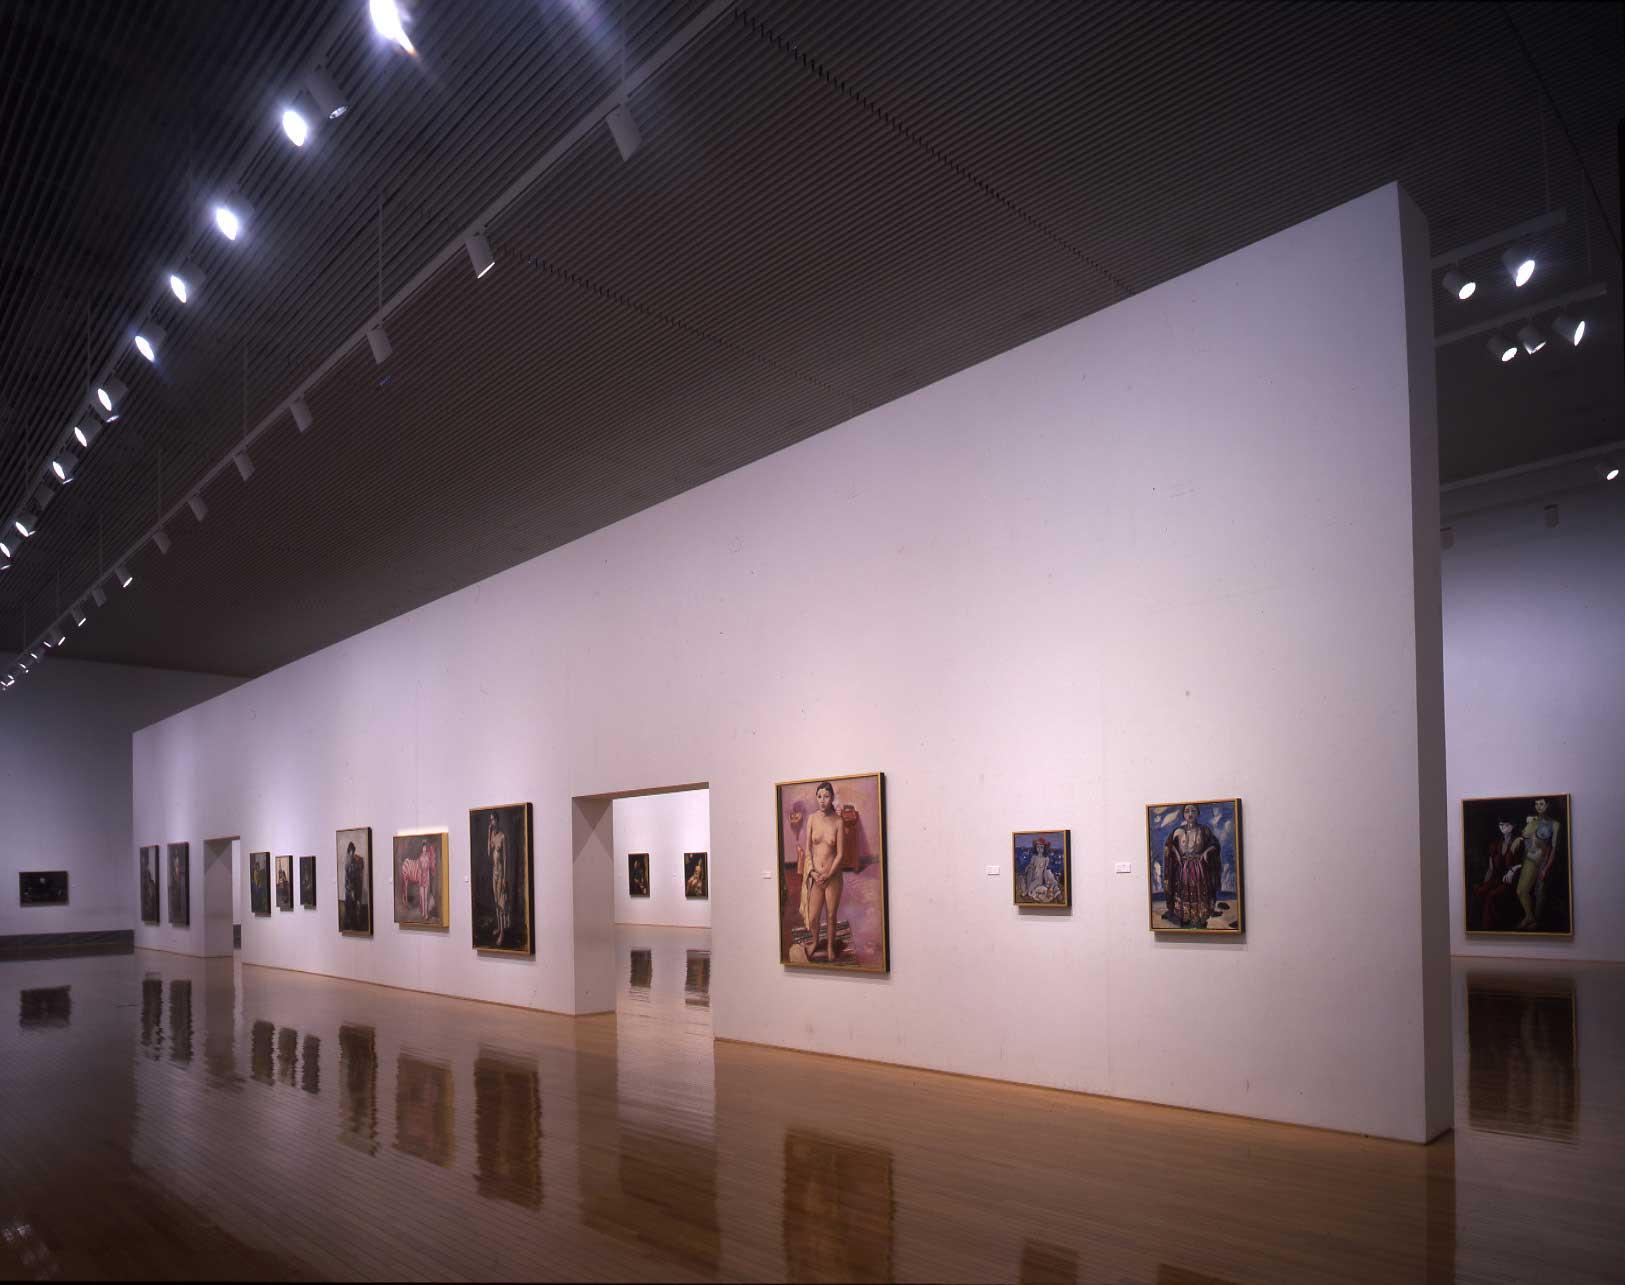 3Fにある展示室は、7mの高さ。設計当初は5m程だったが、猪熊氏の更に高さを出したいという希望により天井を外したのだそう。時期ごとに異なる企画展を開催。/photo by Tadasu Yamamoto